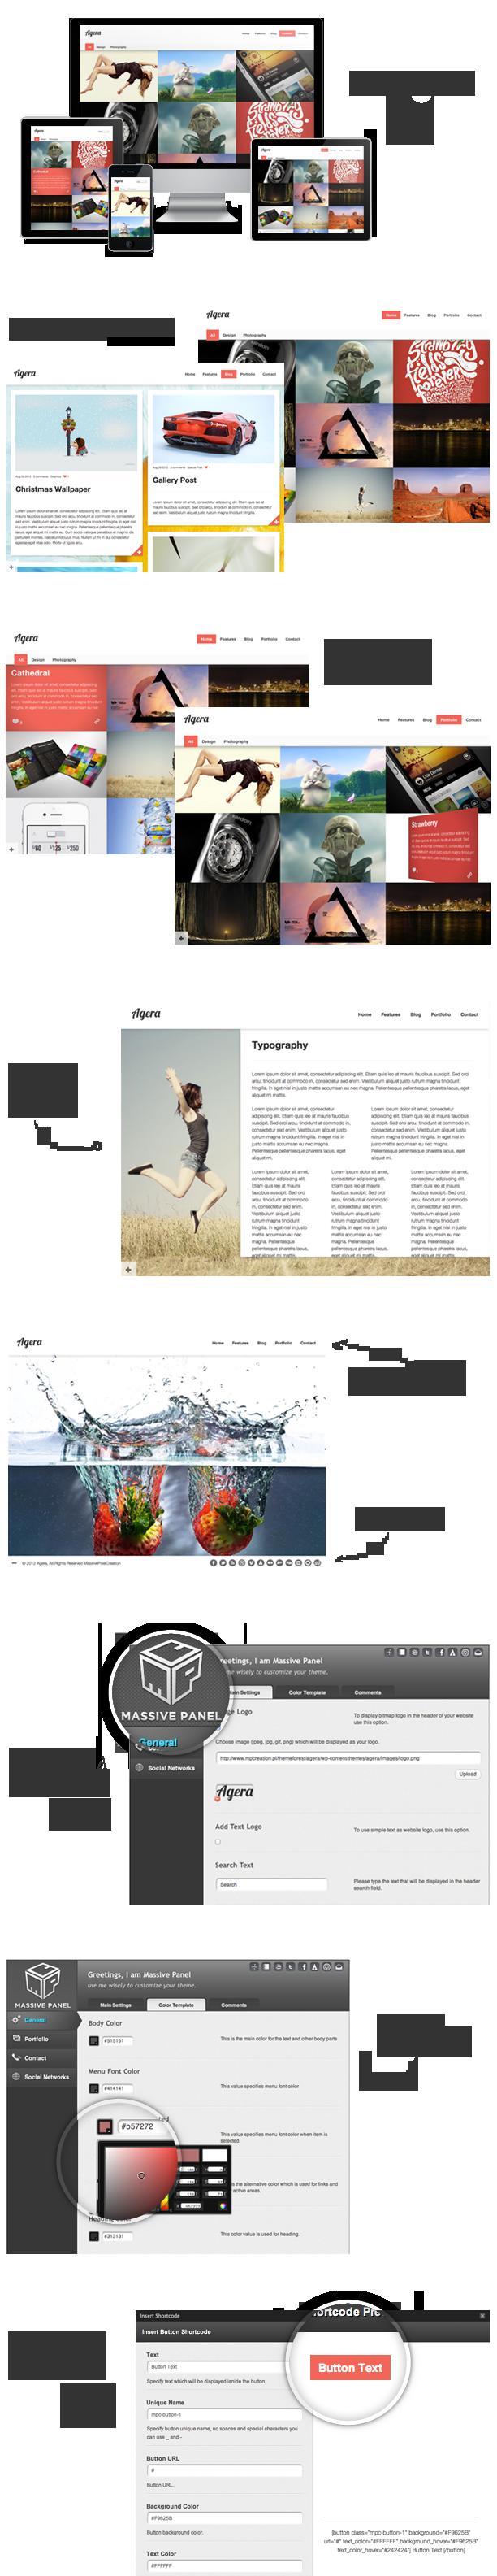 agera2 - Agera Responsive Fullscreen Portfolio WP Theme